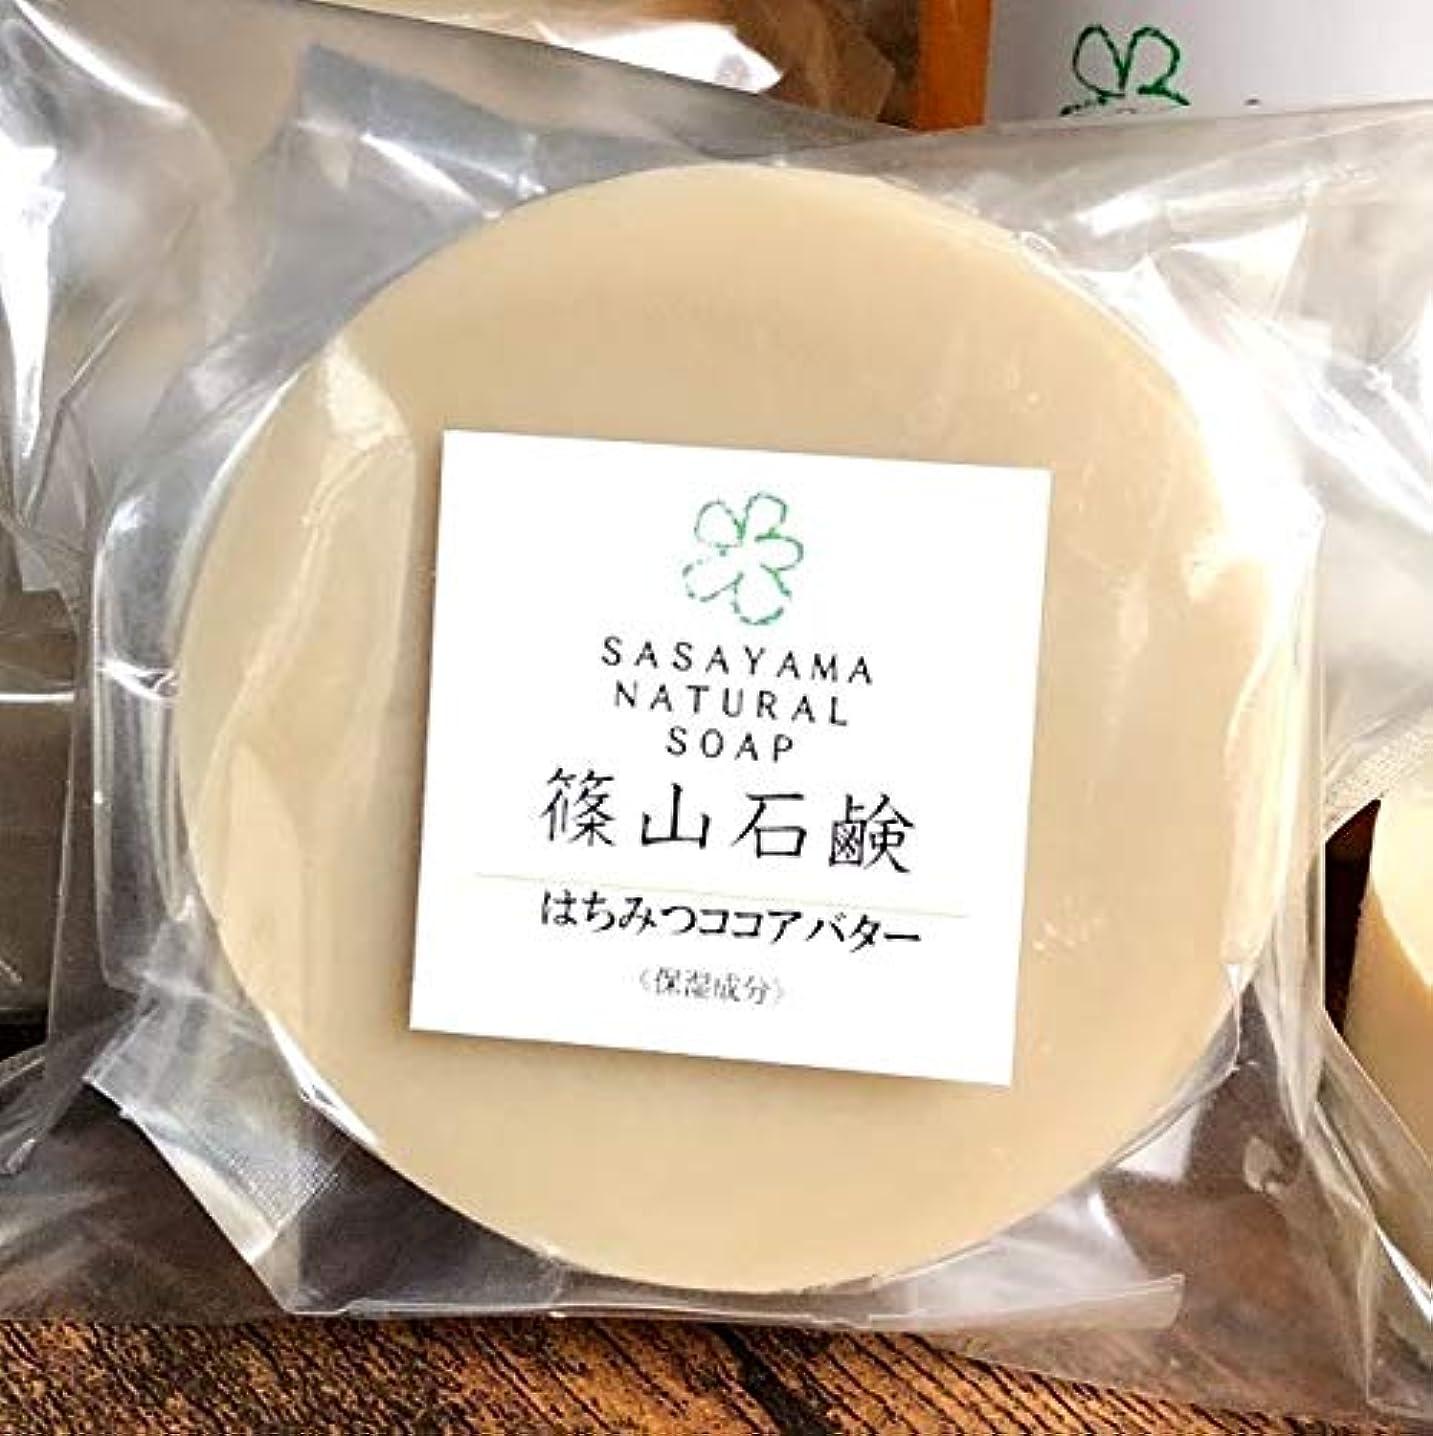 漫画ラショナル占める篠山石鹸 はちみつココアバター 85g ミツバチ農家が作るった「ハチミツ洗顔せっけん」) コールドプロセス製法